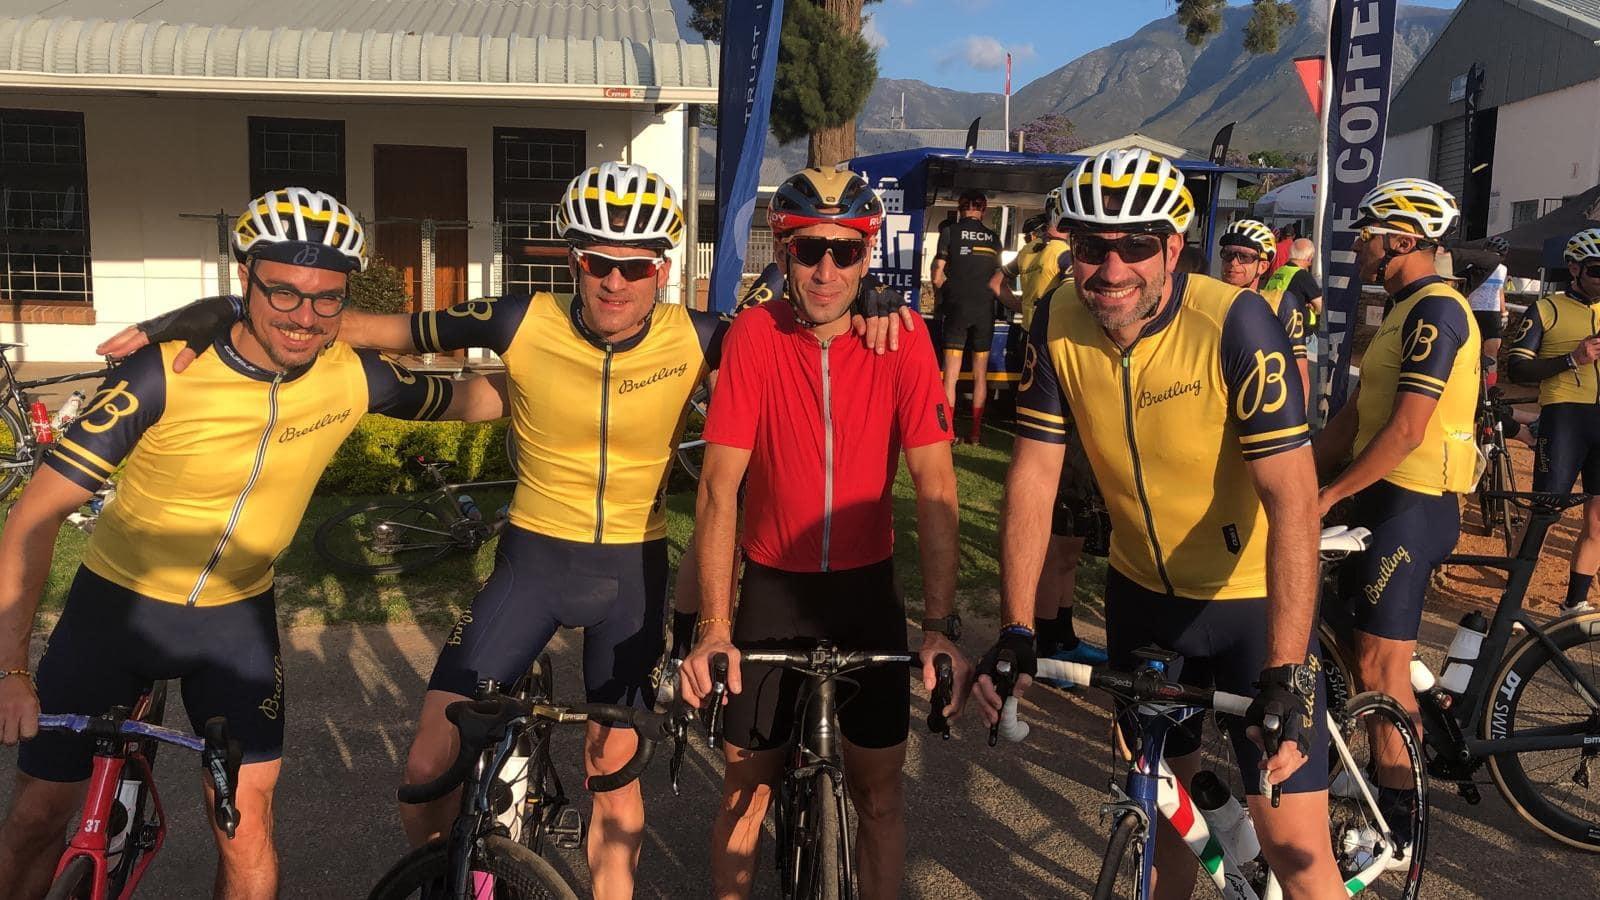 LaBreitling Triathlon Squad e un nutrito gruppo di amici hanno gareggiato nellaCoronationDouble Century, il principale evento sudafricano di ciclismo endurance su strada. Per la seconda volta consecutiva i membri della Squad,JanFrodeno, Chris «Macca»McCormacke Daniela Ryf, sono stati raggiunti a Swellendam dal CEO di Breitling GeorgesKerne da alcuni dei più talentuosi ciclisti al mondo come Vincenzo Nibali. Breitling ha ricoperto il ruolo di cronometro ufficiale della gara e i ciclisti hanno corso a sostegno di Qhubeka, un'organizzazione benefica mondiale, con sede in Sudafrica, che fornisce biciclette a persone delle comunità di tutta l'Africa con limitate possibilità di trasporto. LaCoronationDouble Century ha segnato il primo anniversario della collaborazione di Breitling con Qhubeka.